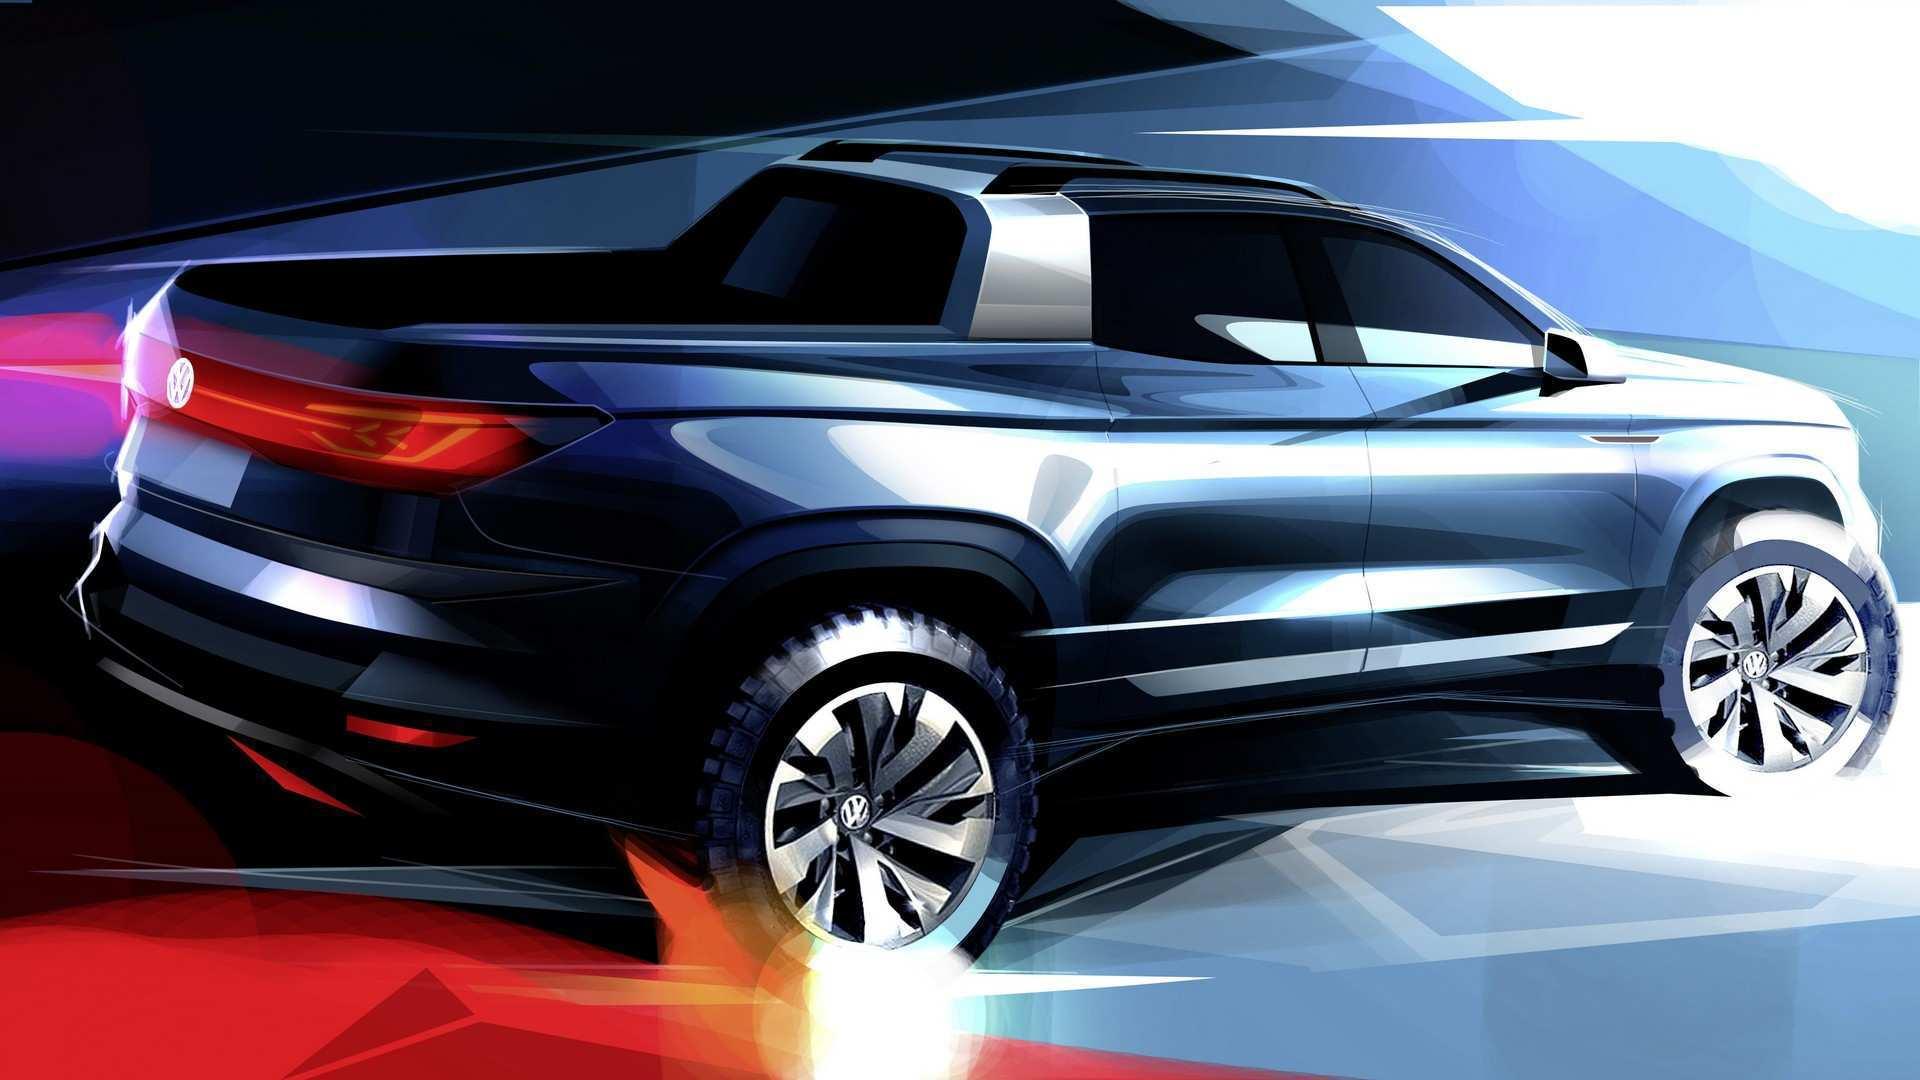 51 Gallery of 2020 Volkswagen Truck Spy Shoot for 2020 Volkswagen Truck